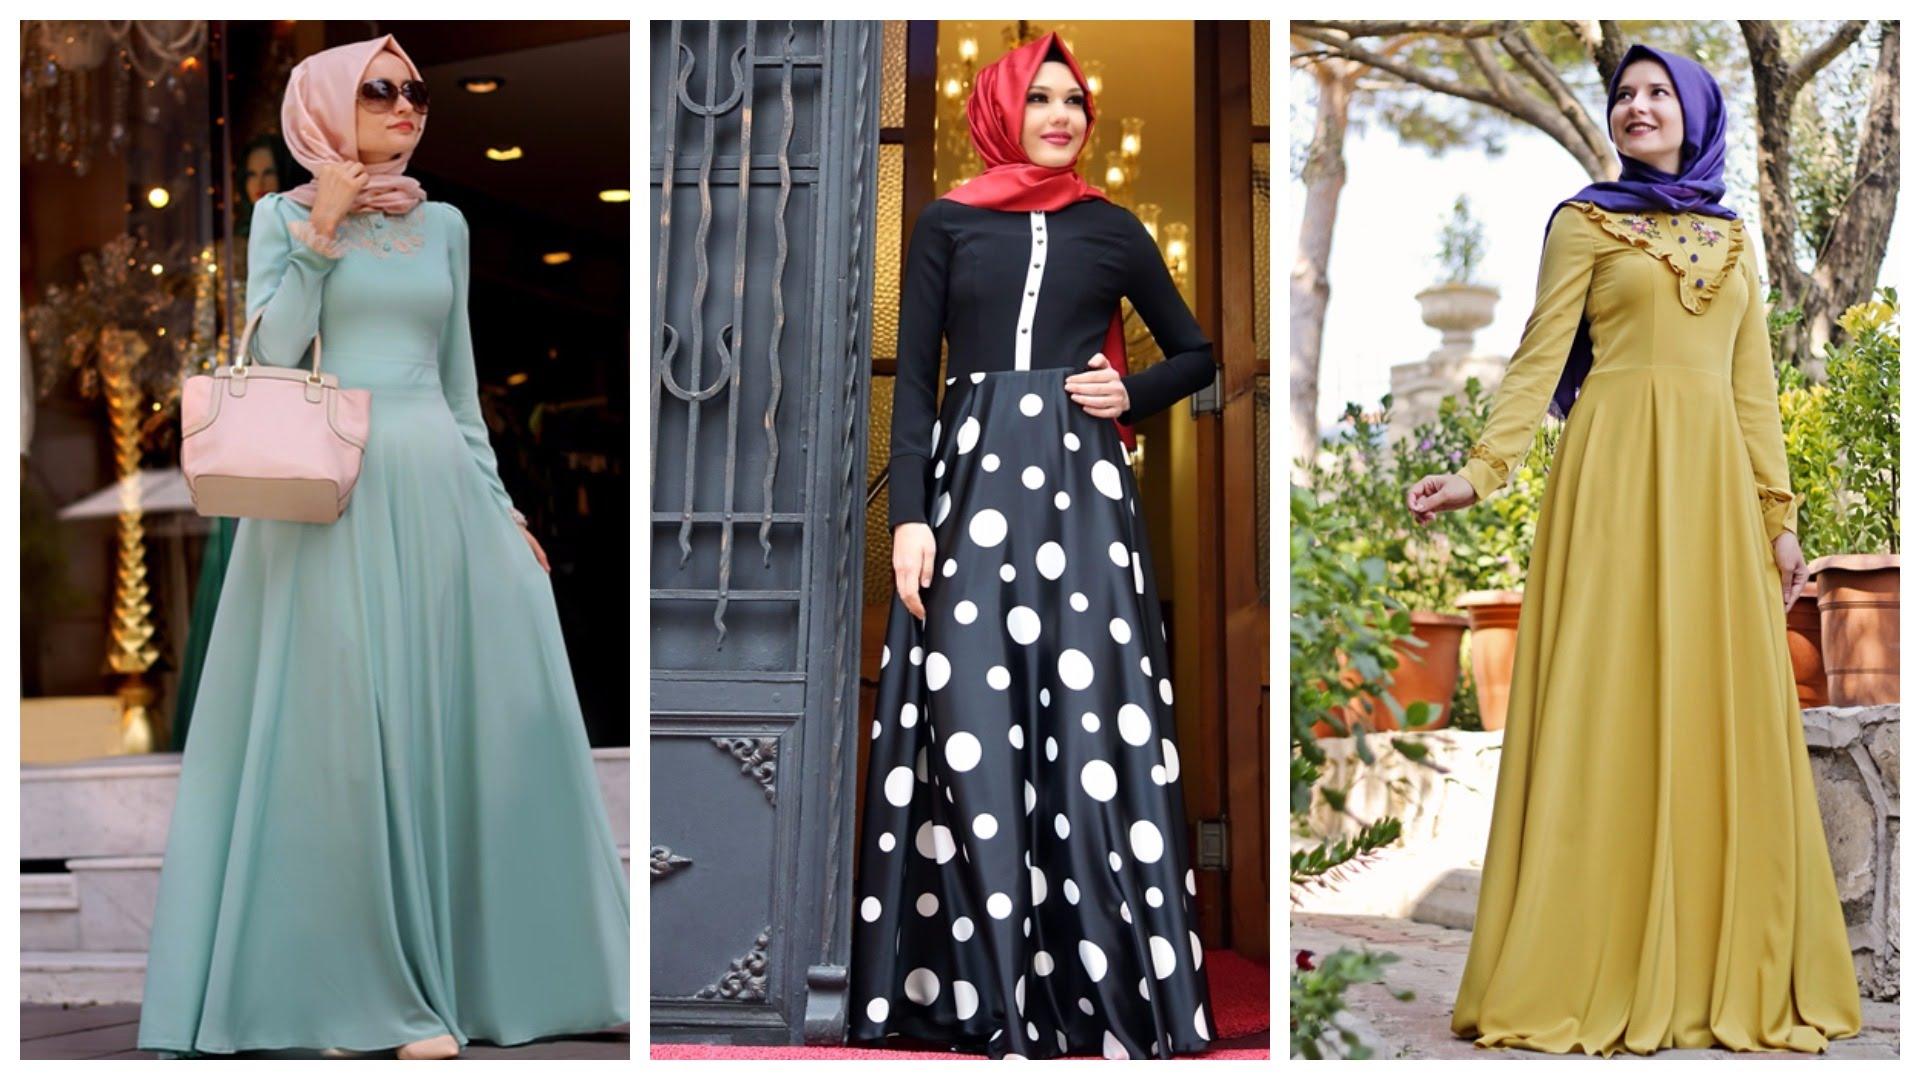 بالصور اجمل فستان في العالم , اشيك فساتين فالعالم 5085 10